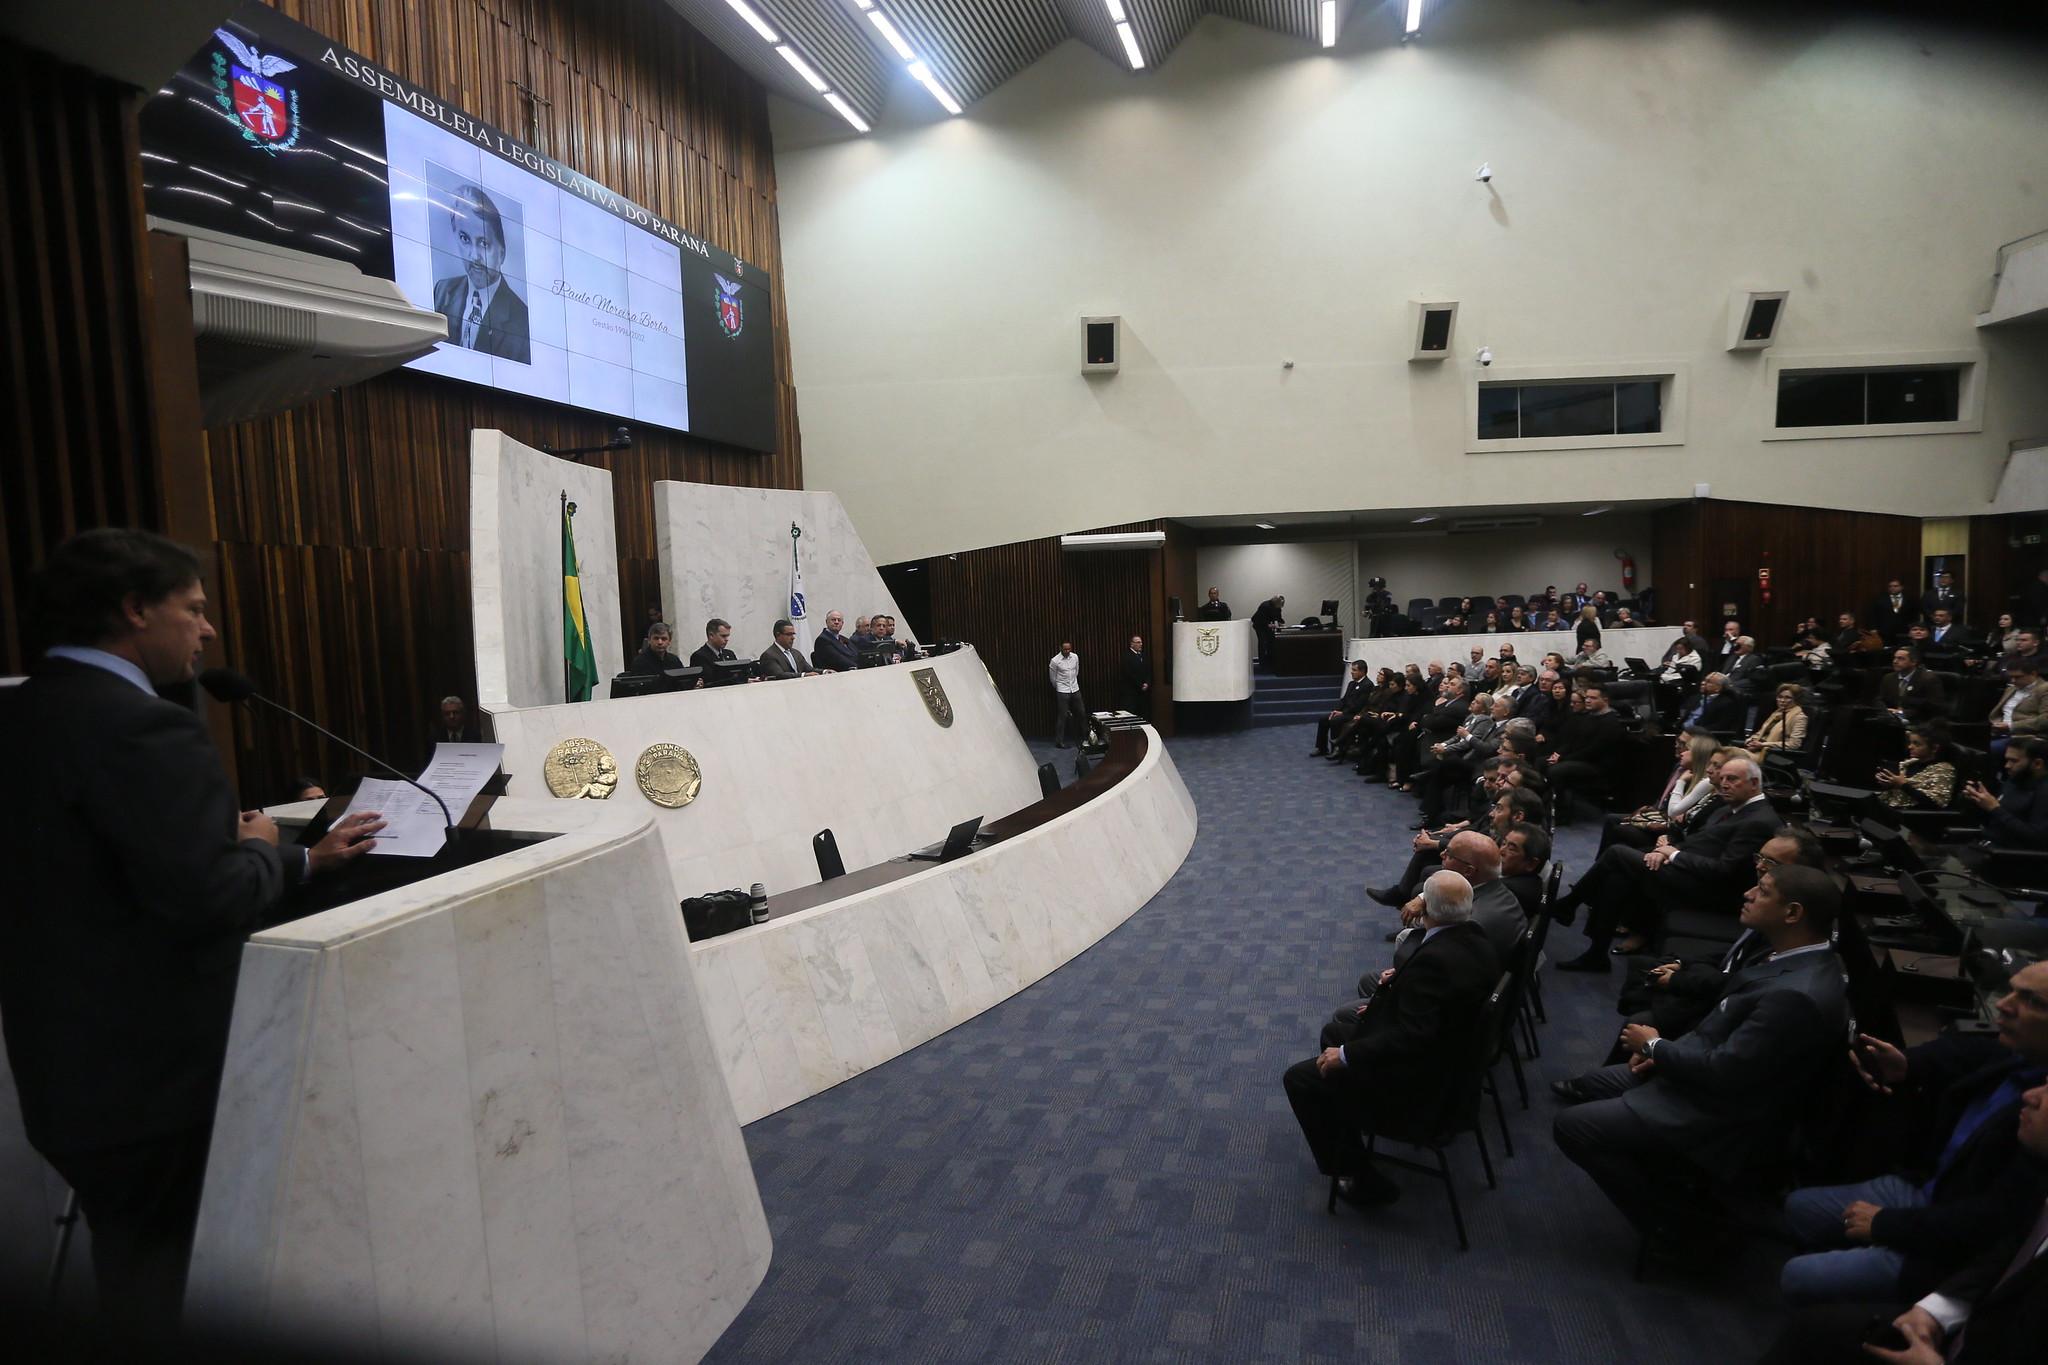 Sessão solene comemora cinquentenário dos Conselhos de Medicina Veterinária